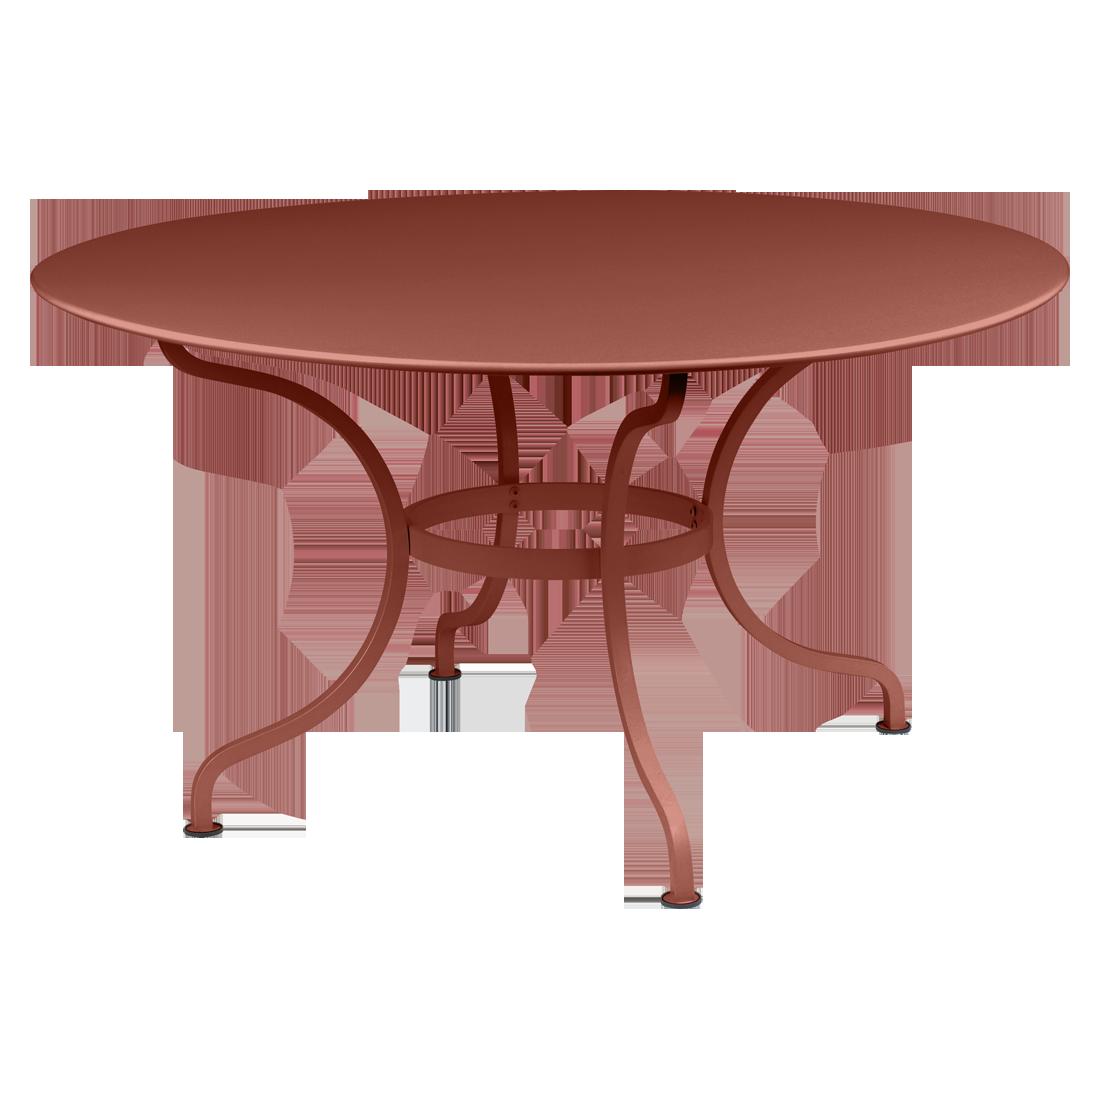 Table Ø 137 cm romane ocre rouge